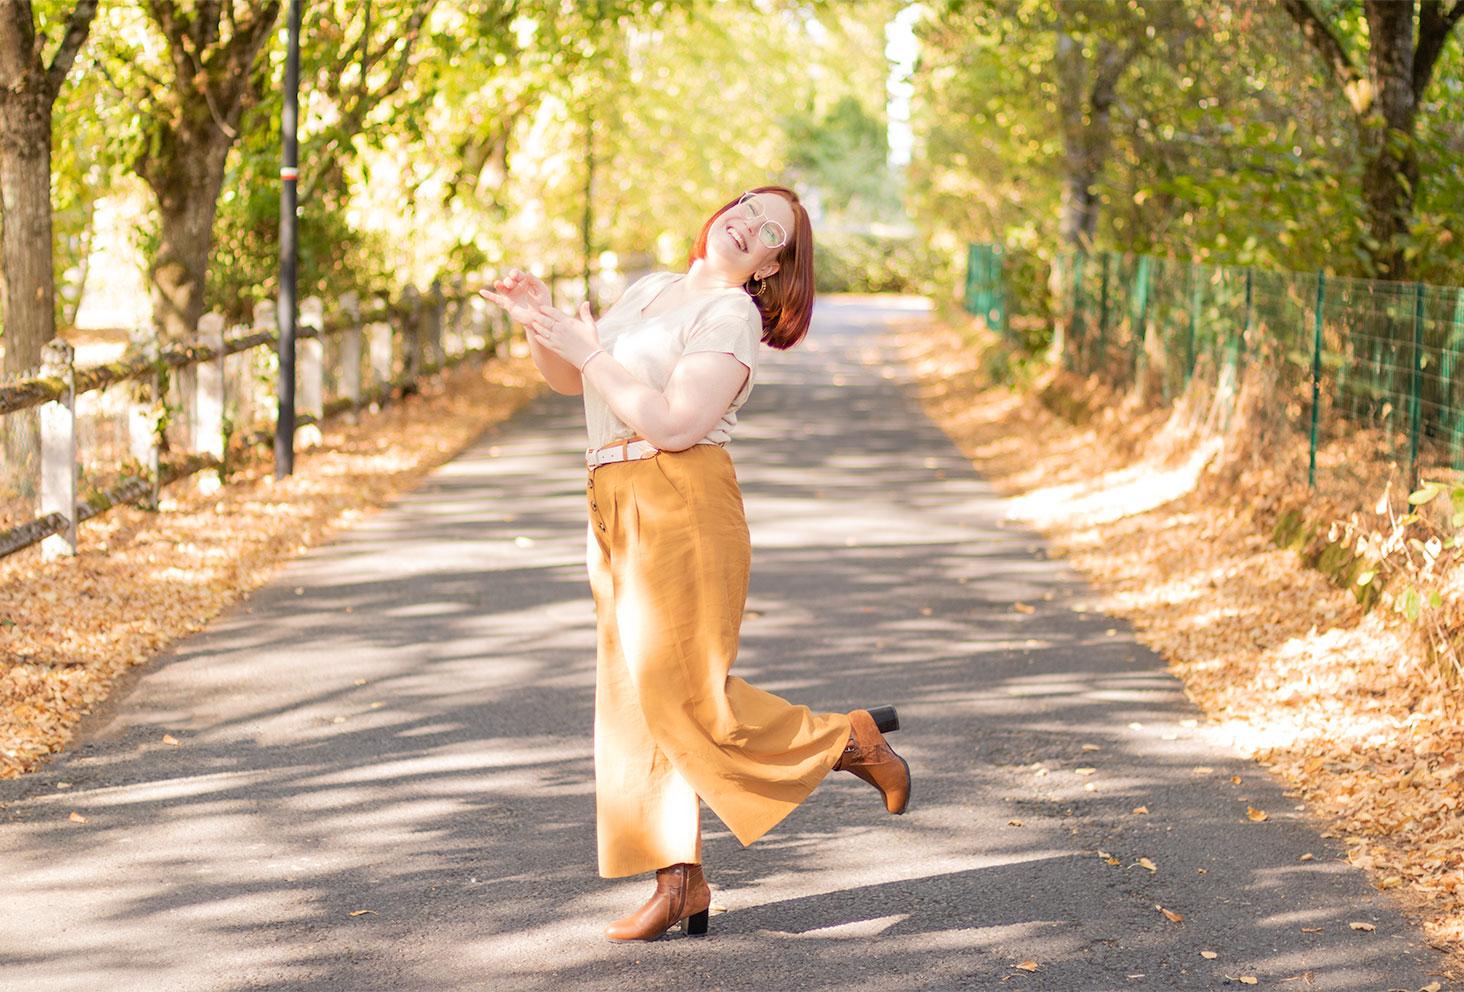 Dans une rue de Montlouis en pantalon large marron et t-shirt fluide, avec le sourire et une jambe levée, de profil